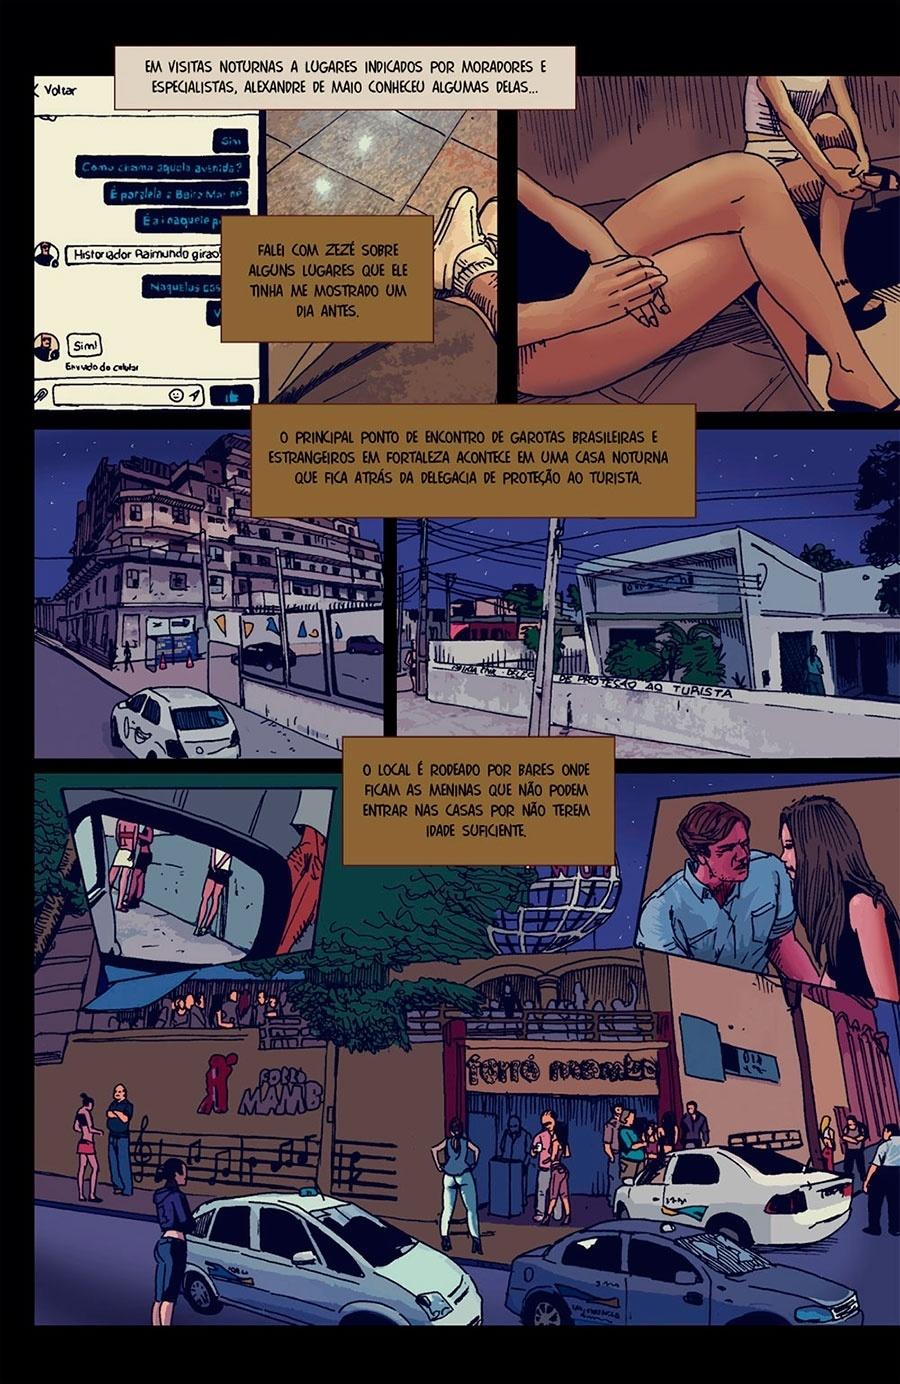 Capítulo 1: De Maio identificou que o principal ponto de encontro entre garotas e estrangeiros é uma casa noturna atrás da Delegacia de Proteção ao Turista.